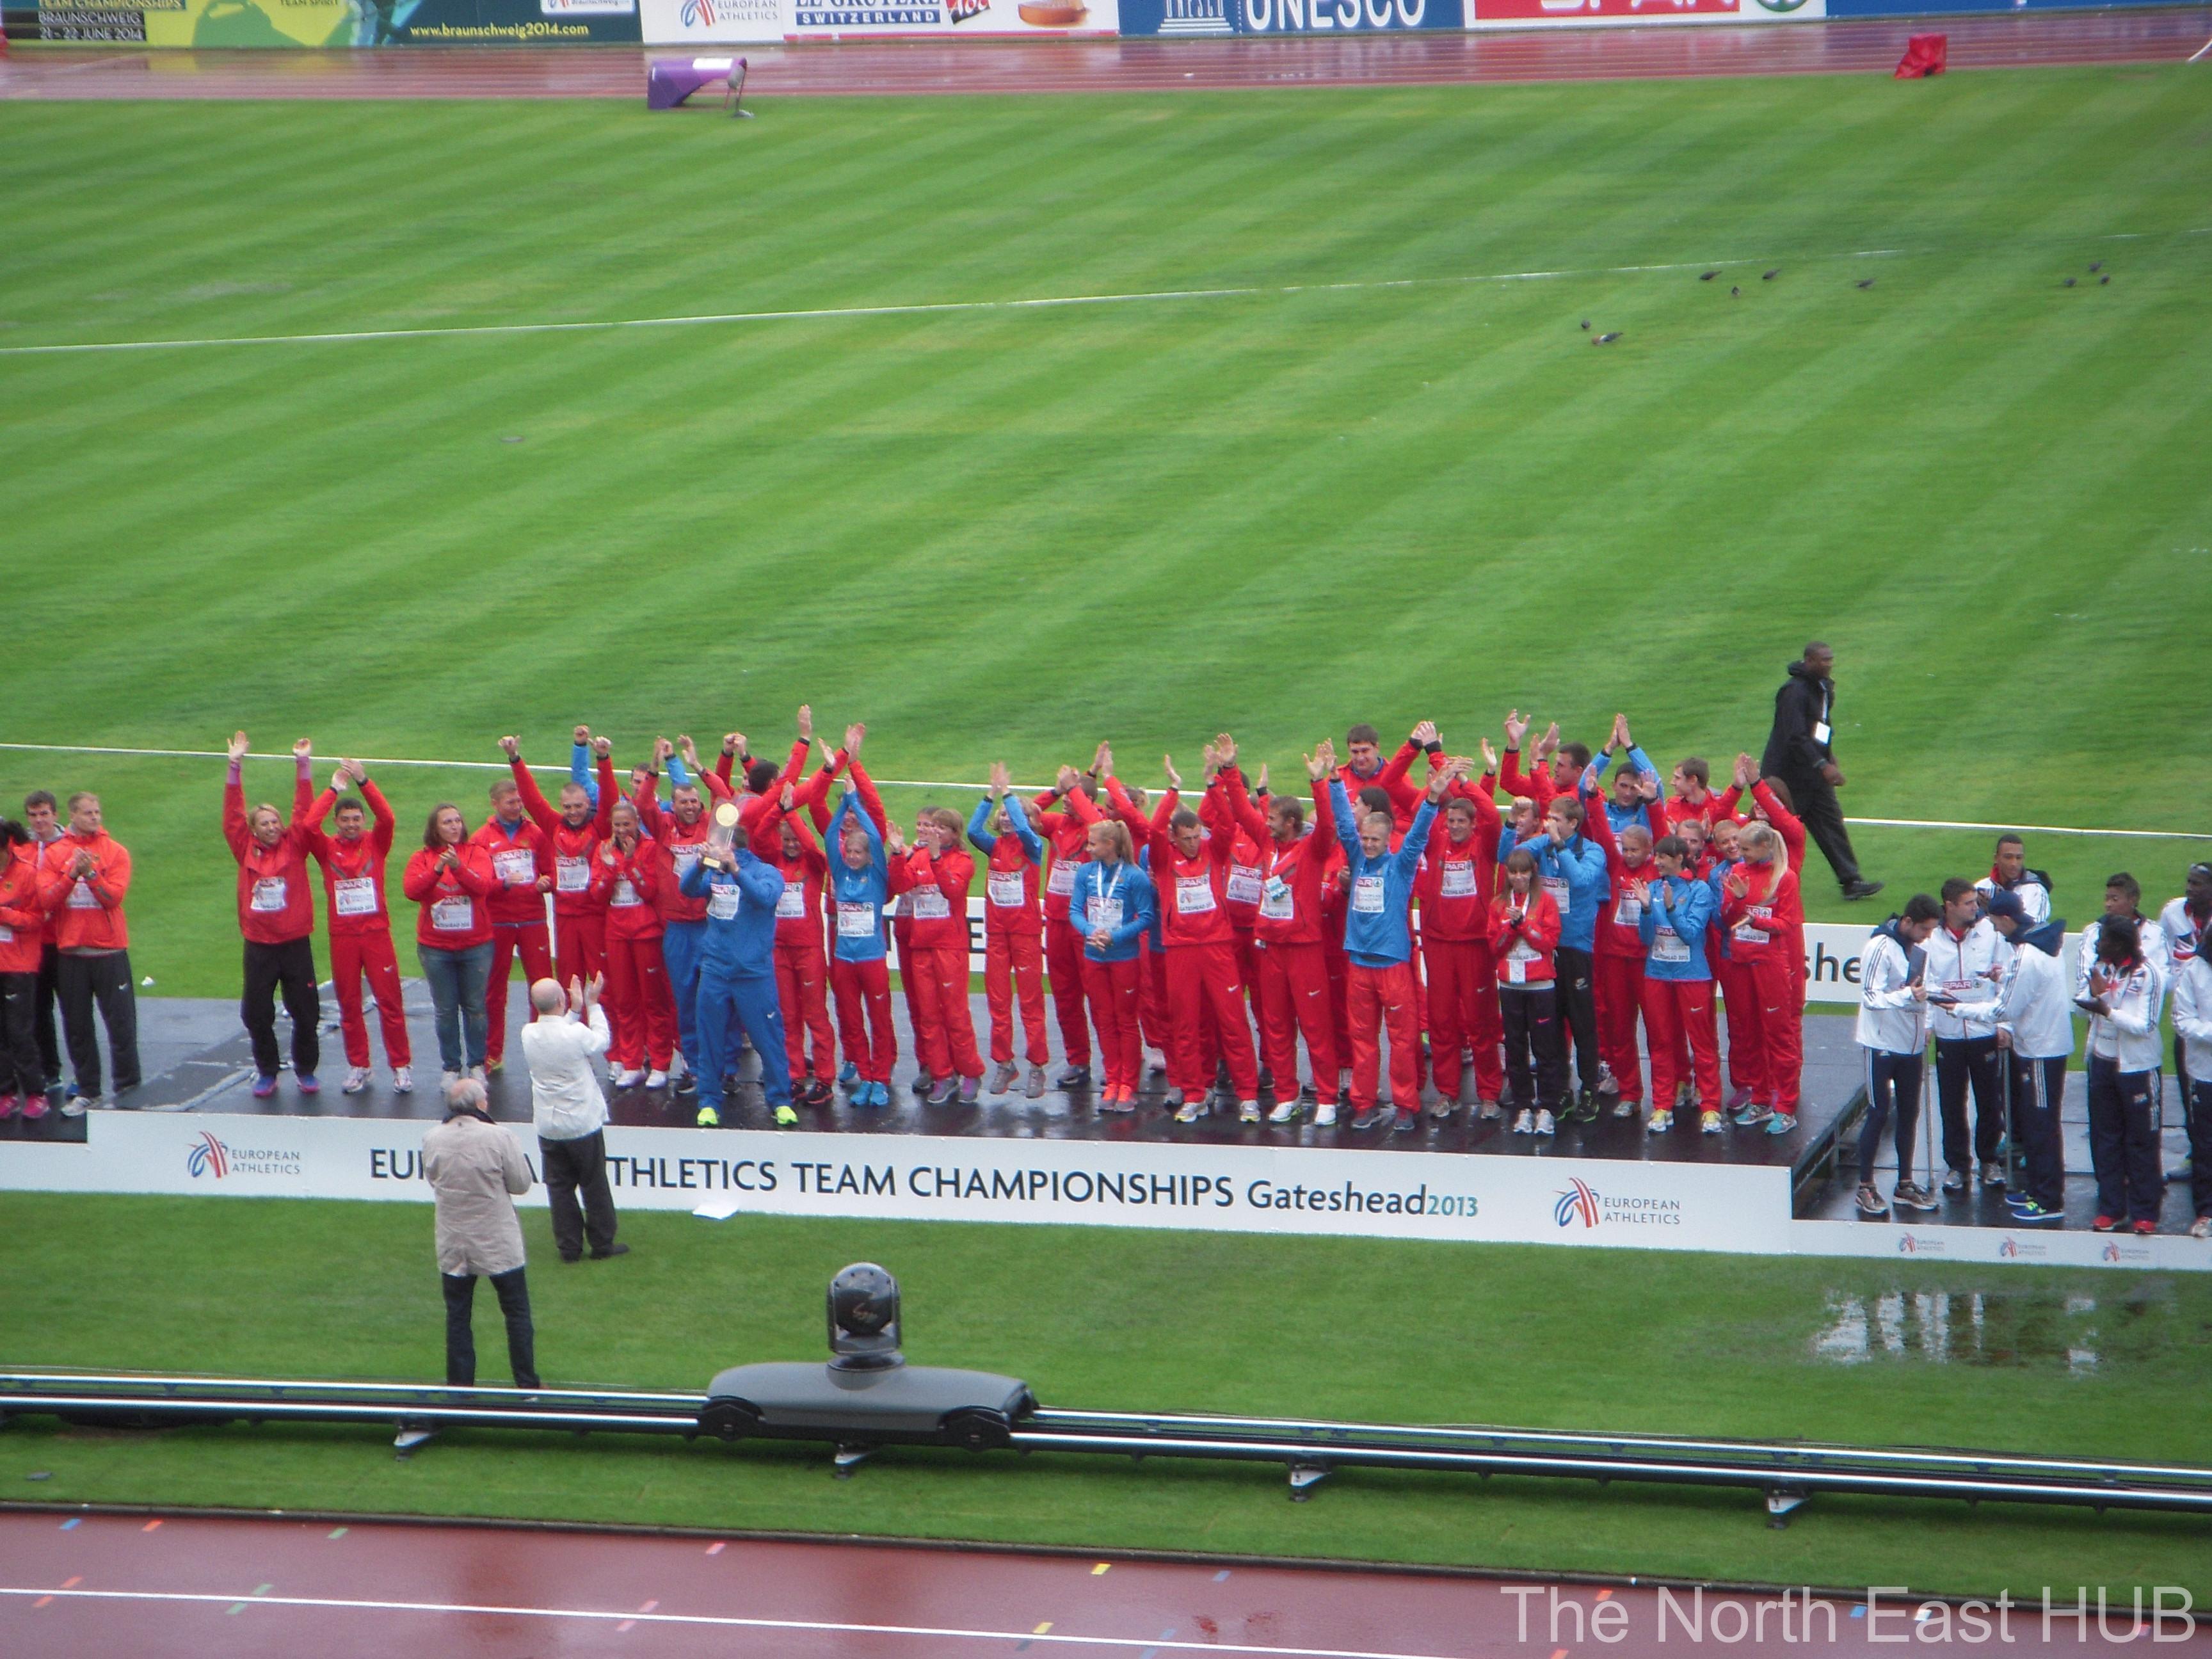 Russia win gateshead 2013